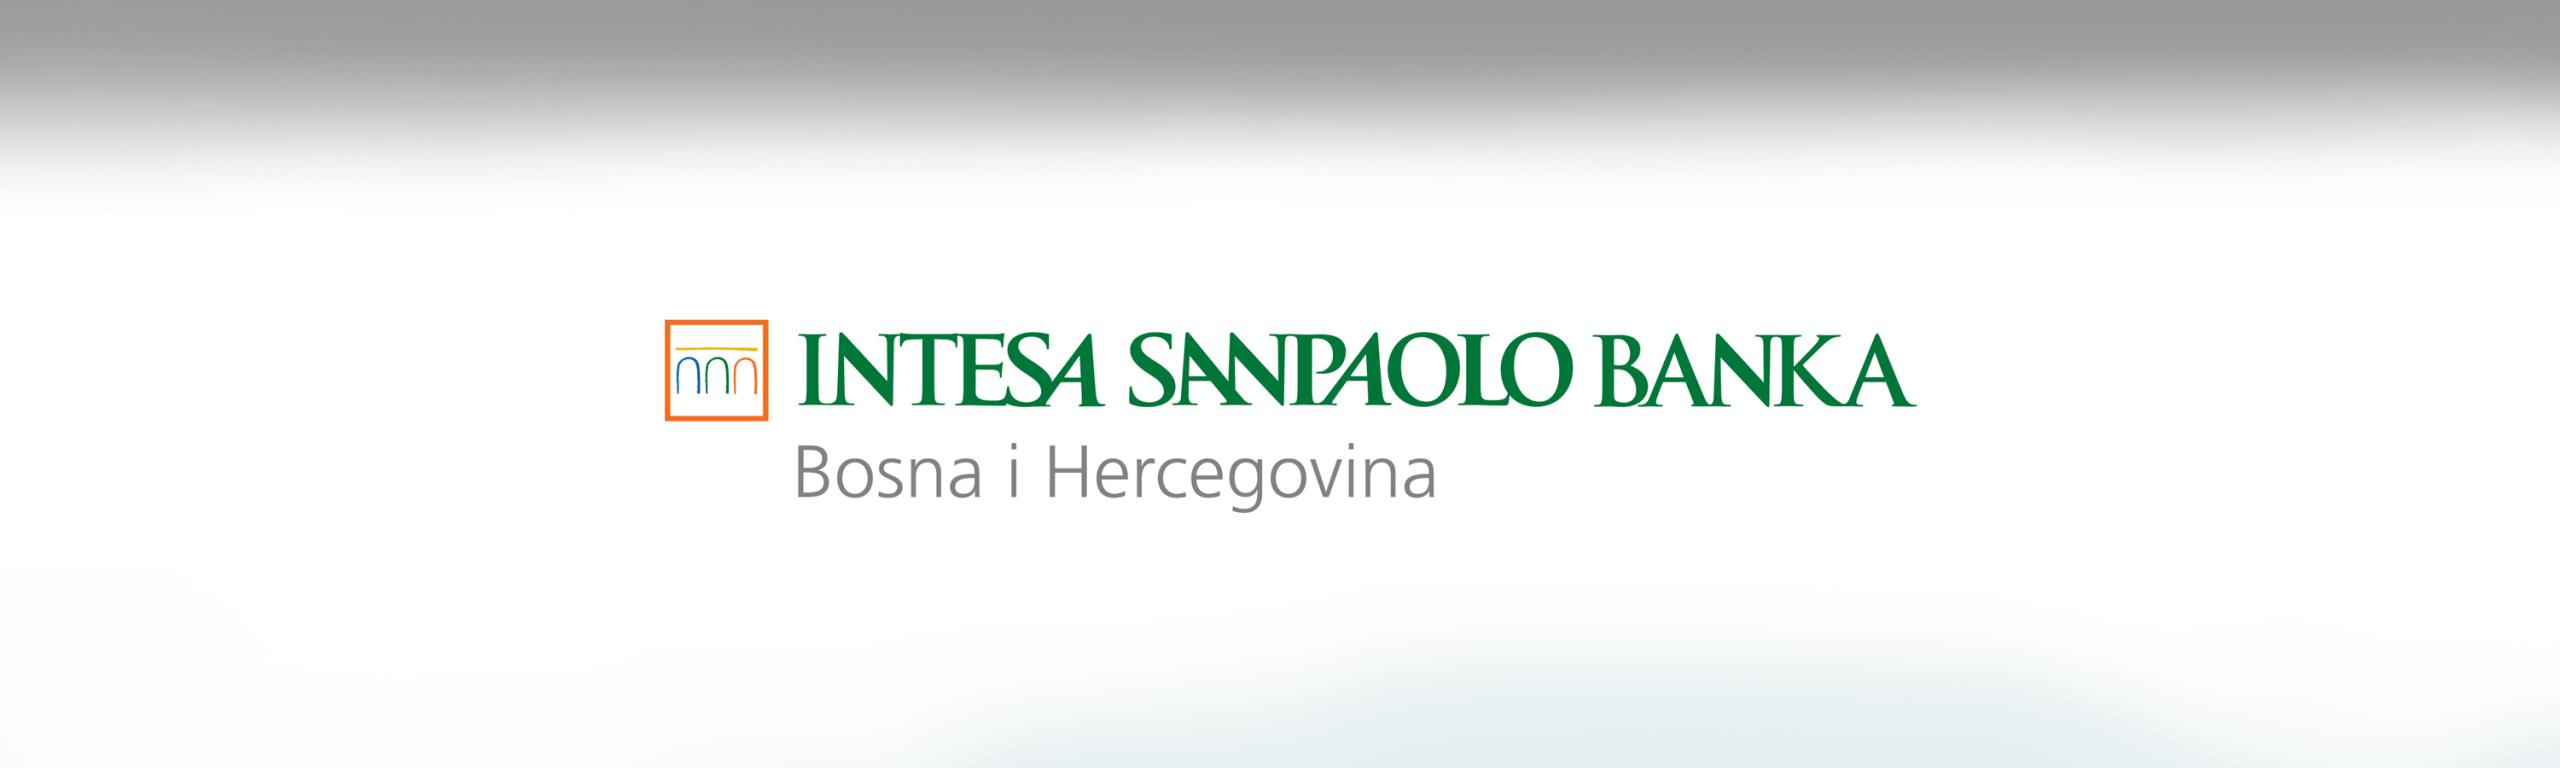 Obavijest o izmjeni radnog vremena poslovnice, 08.03.2017.